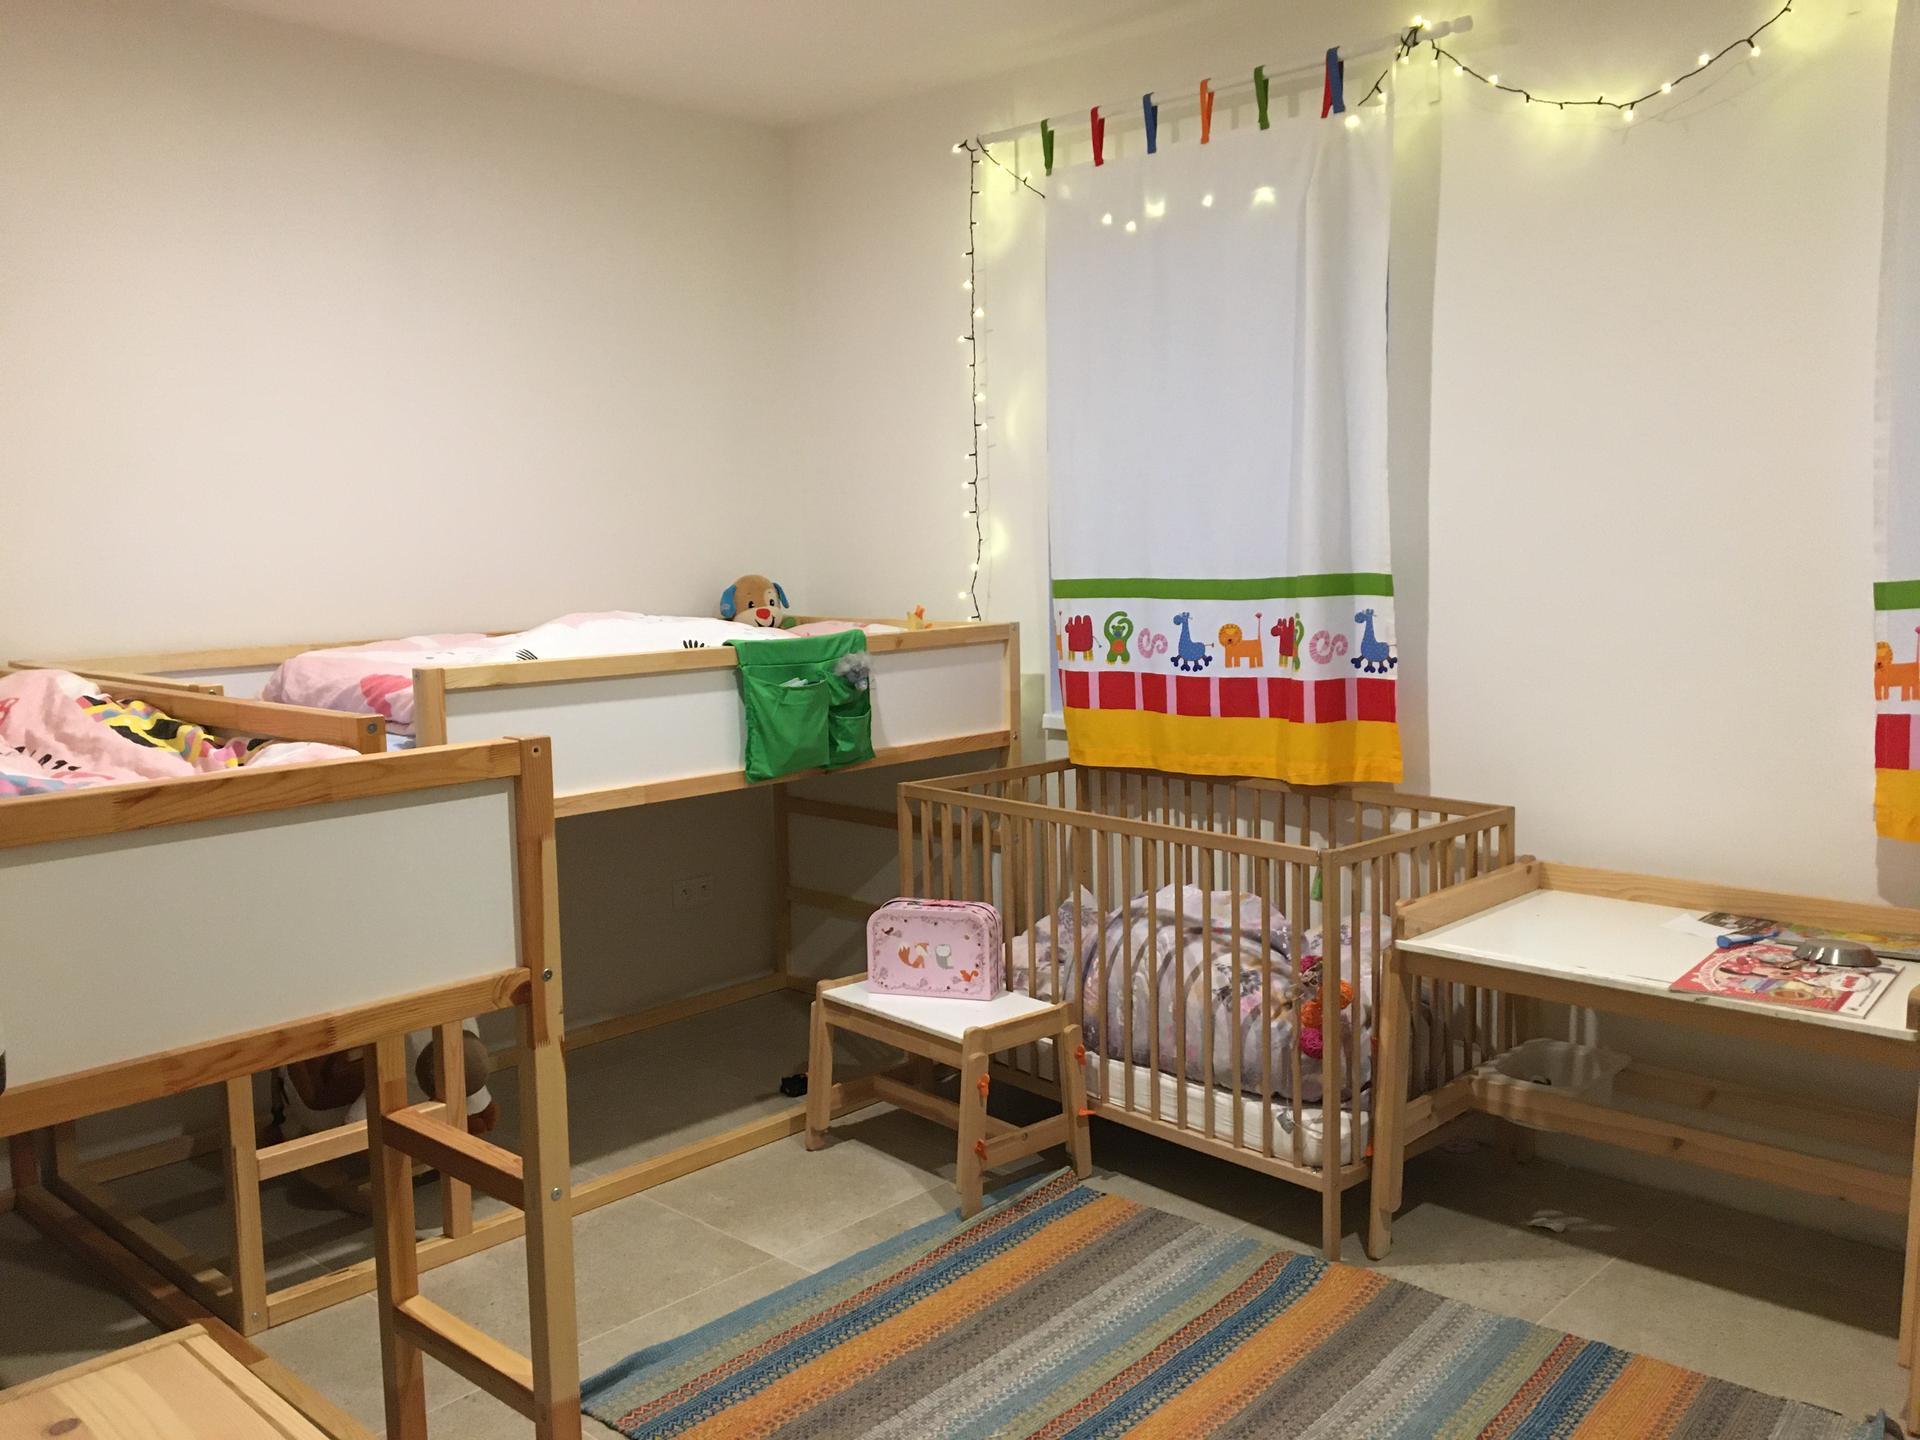 Tvorime domov - detska zatial spolocna